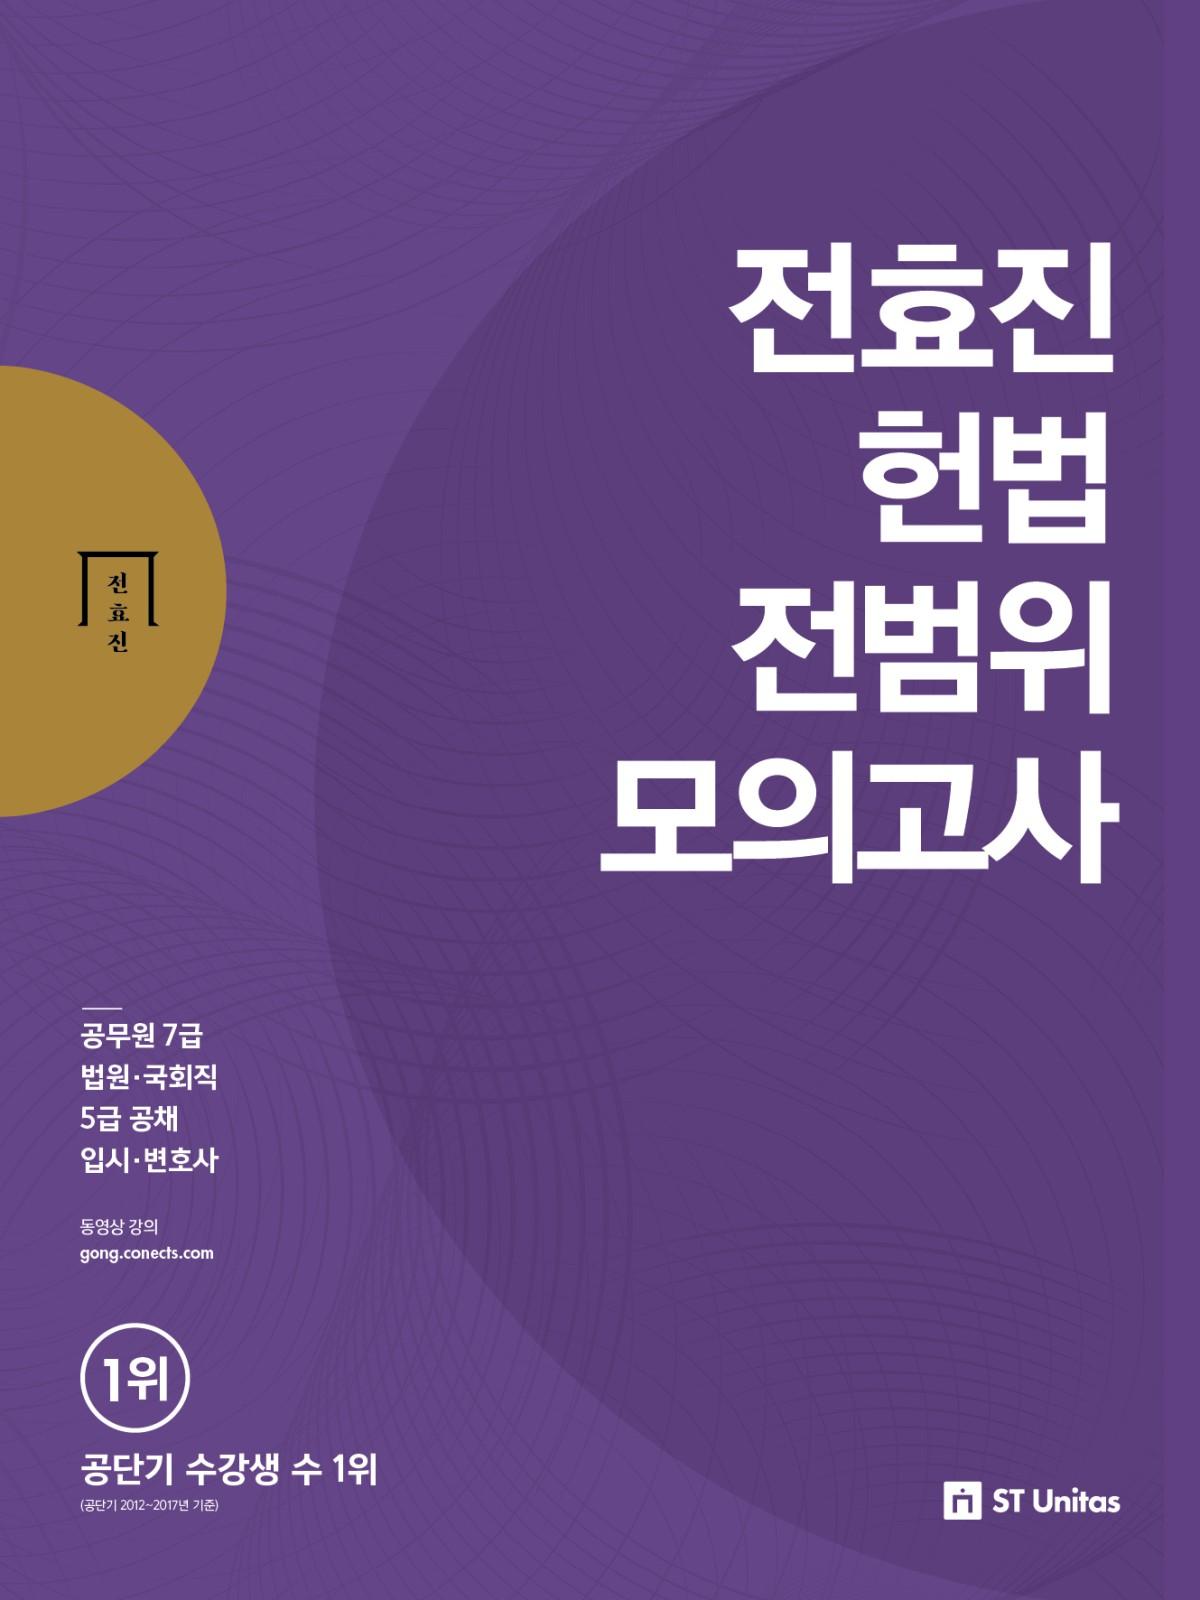 2018 전효진 헌법 전범위 모의고사